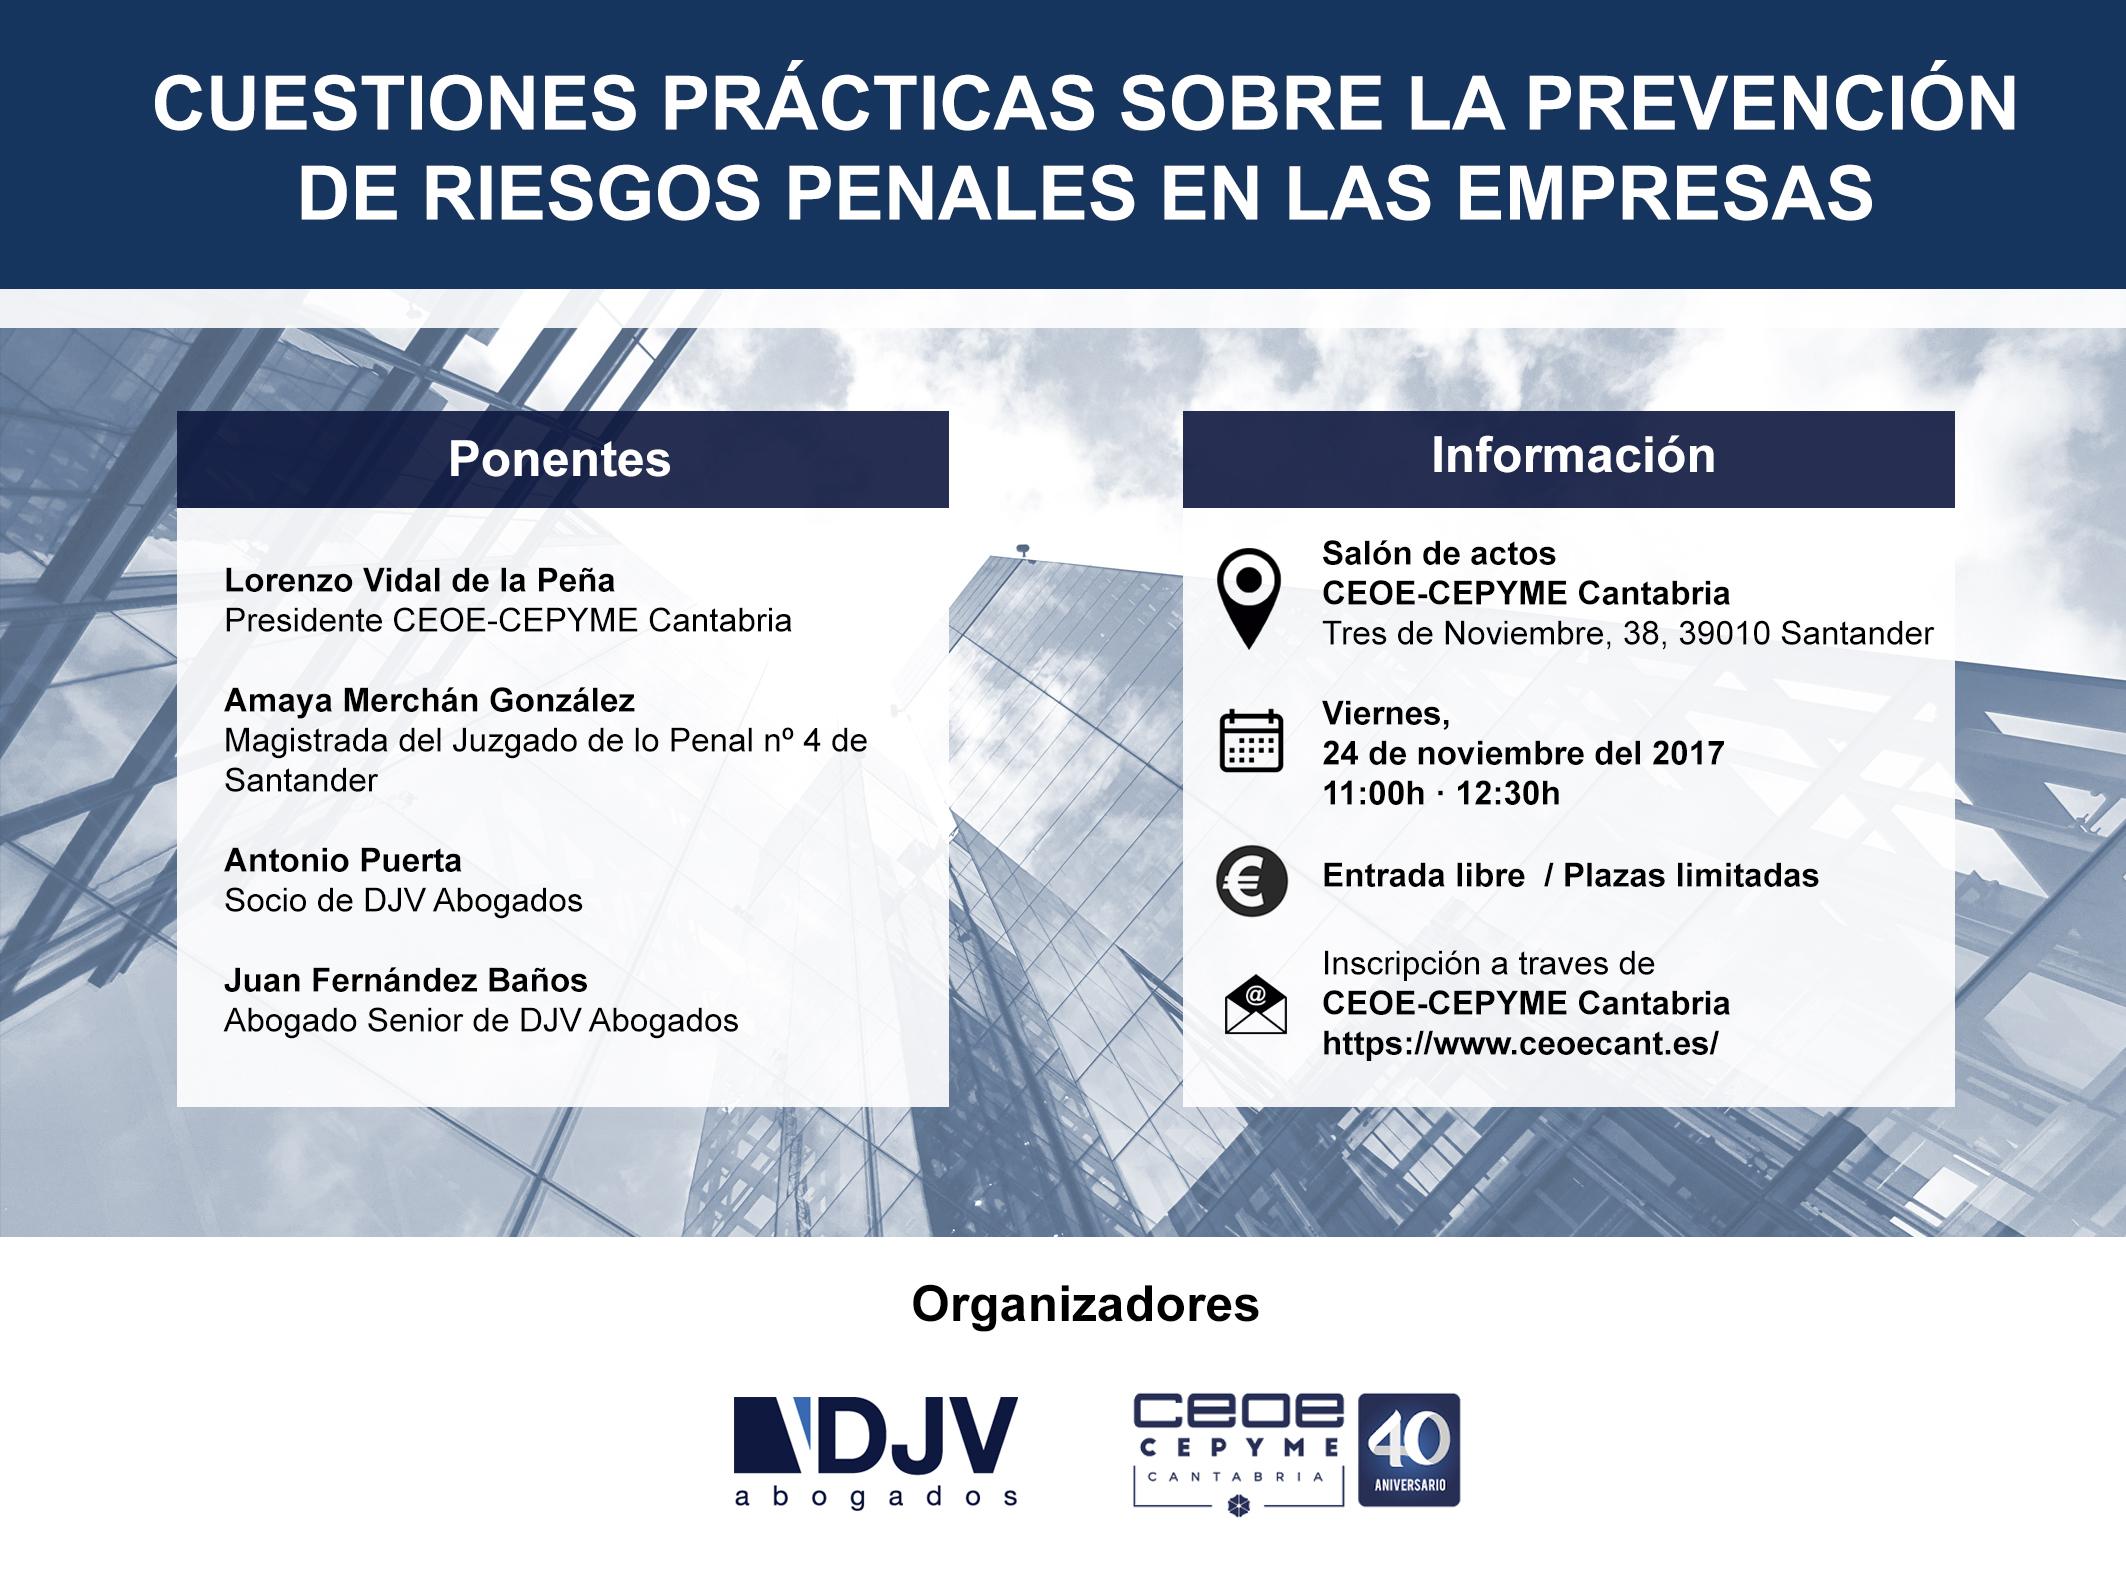 """DJV Abogados Y CEOE-CEPYME Cantabria Organizan La Jornada """"Cuestiones Prácticas Sobre La Prevención De Riesgos Penales En Las Empresas"""""""